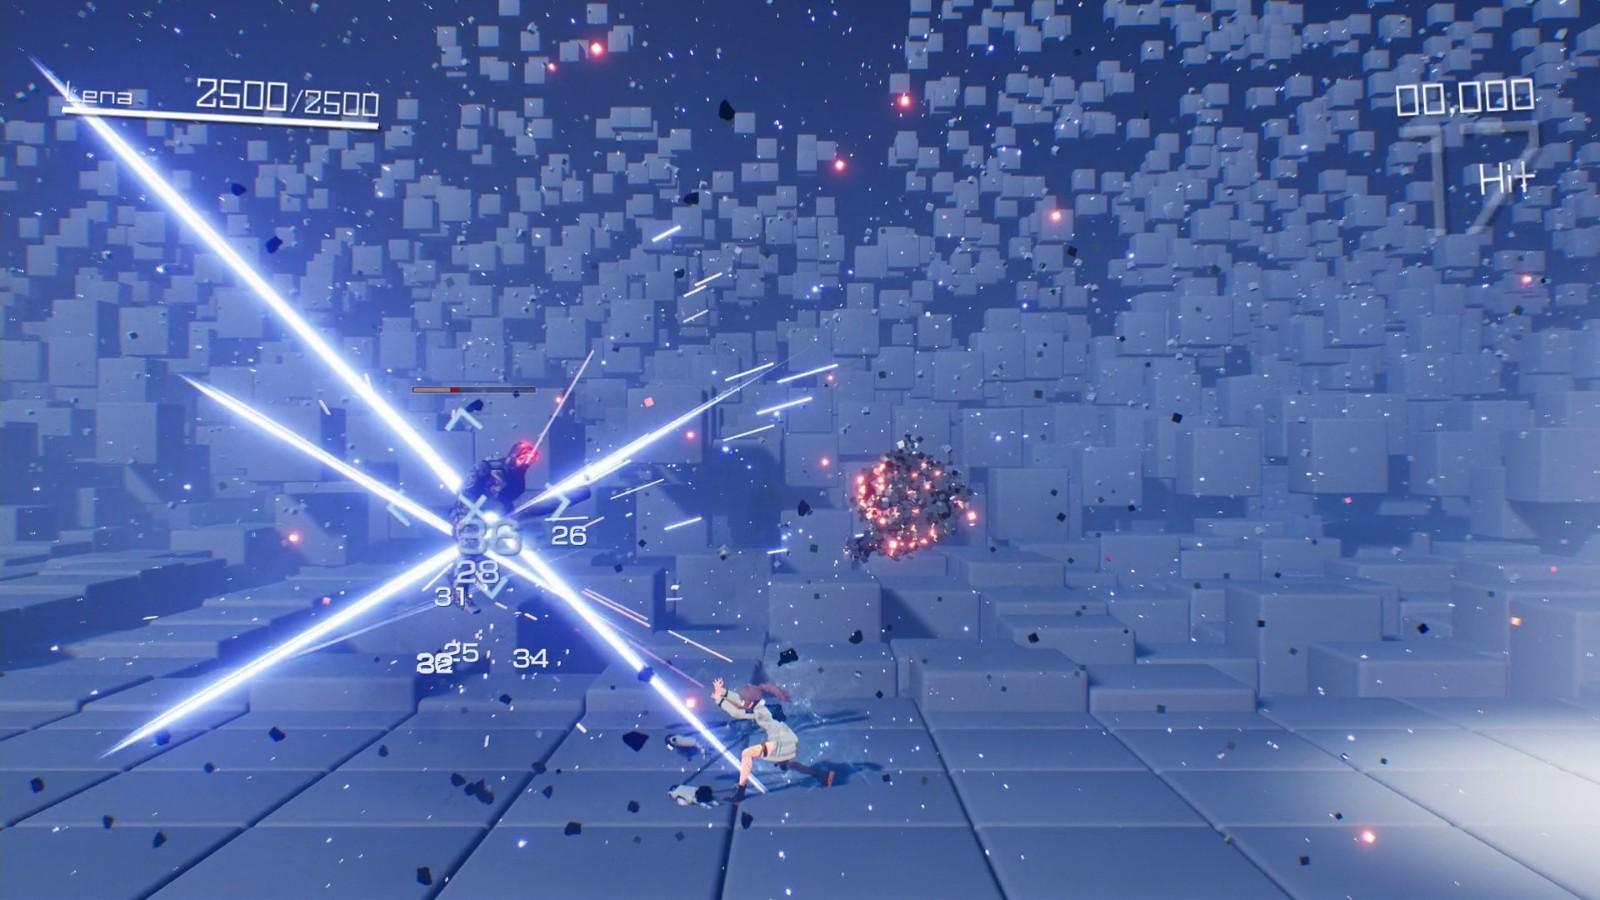 横版动作游戏《双腕的勇士》年内面向PC推出